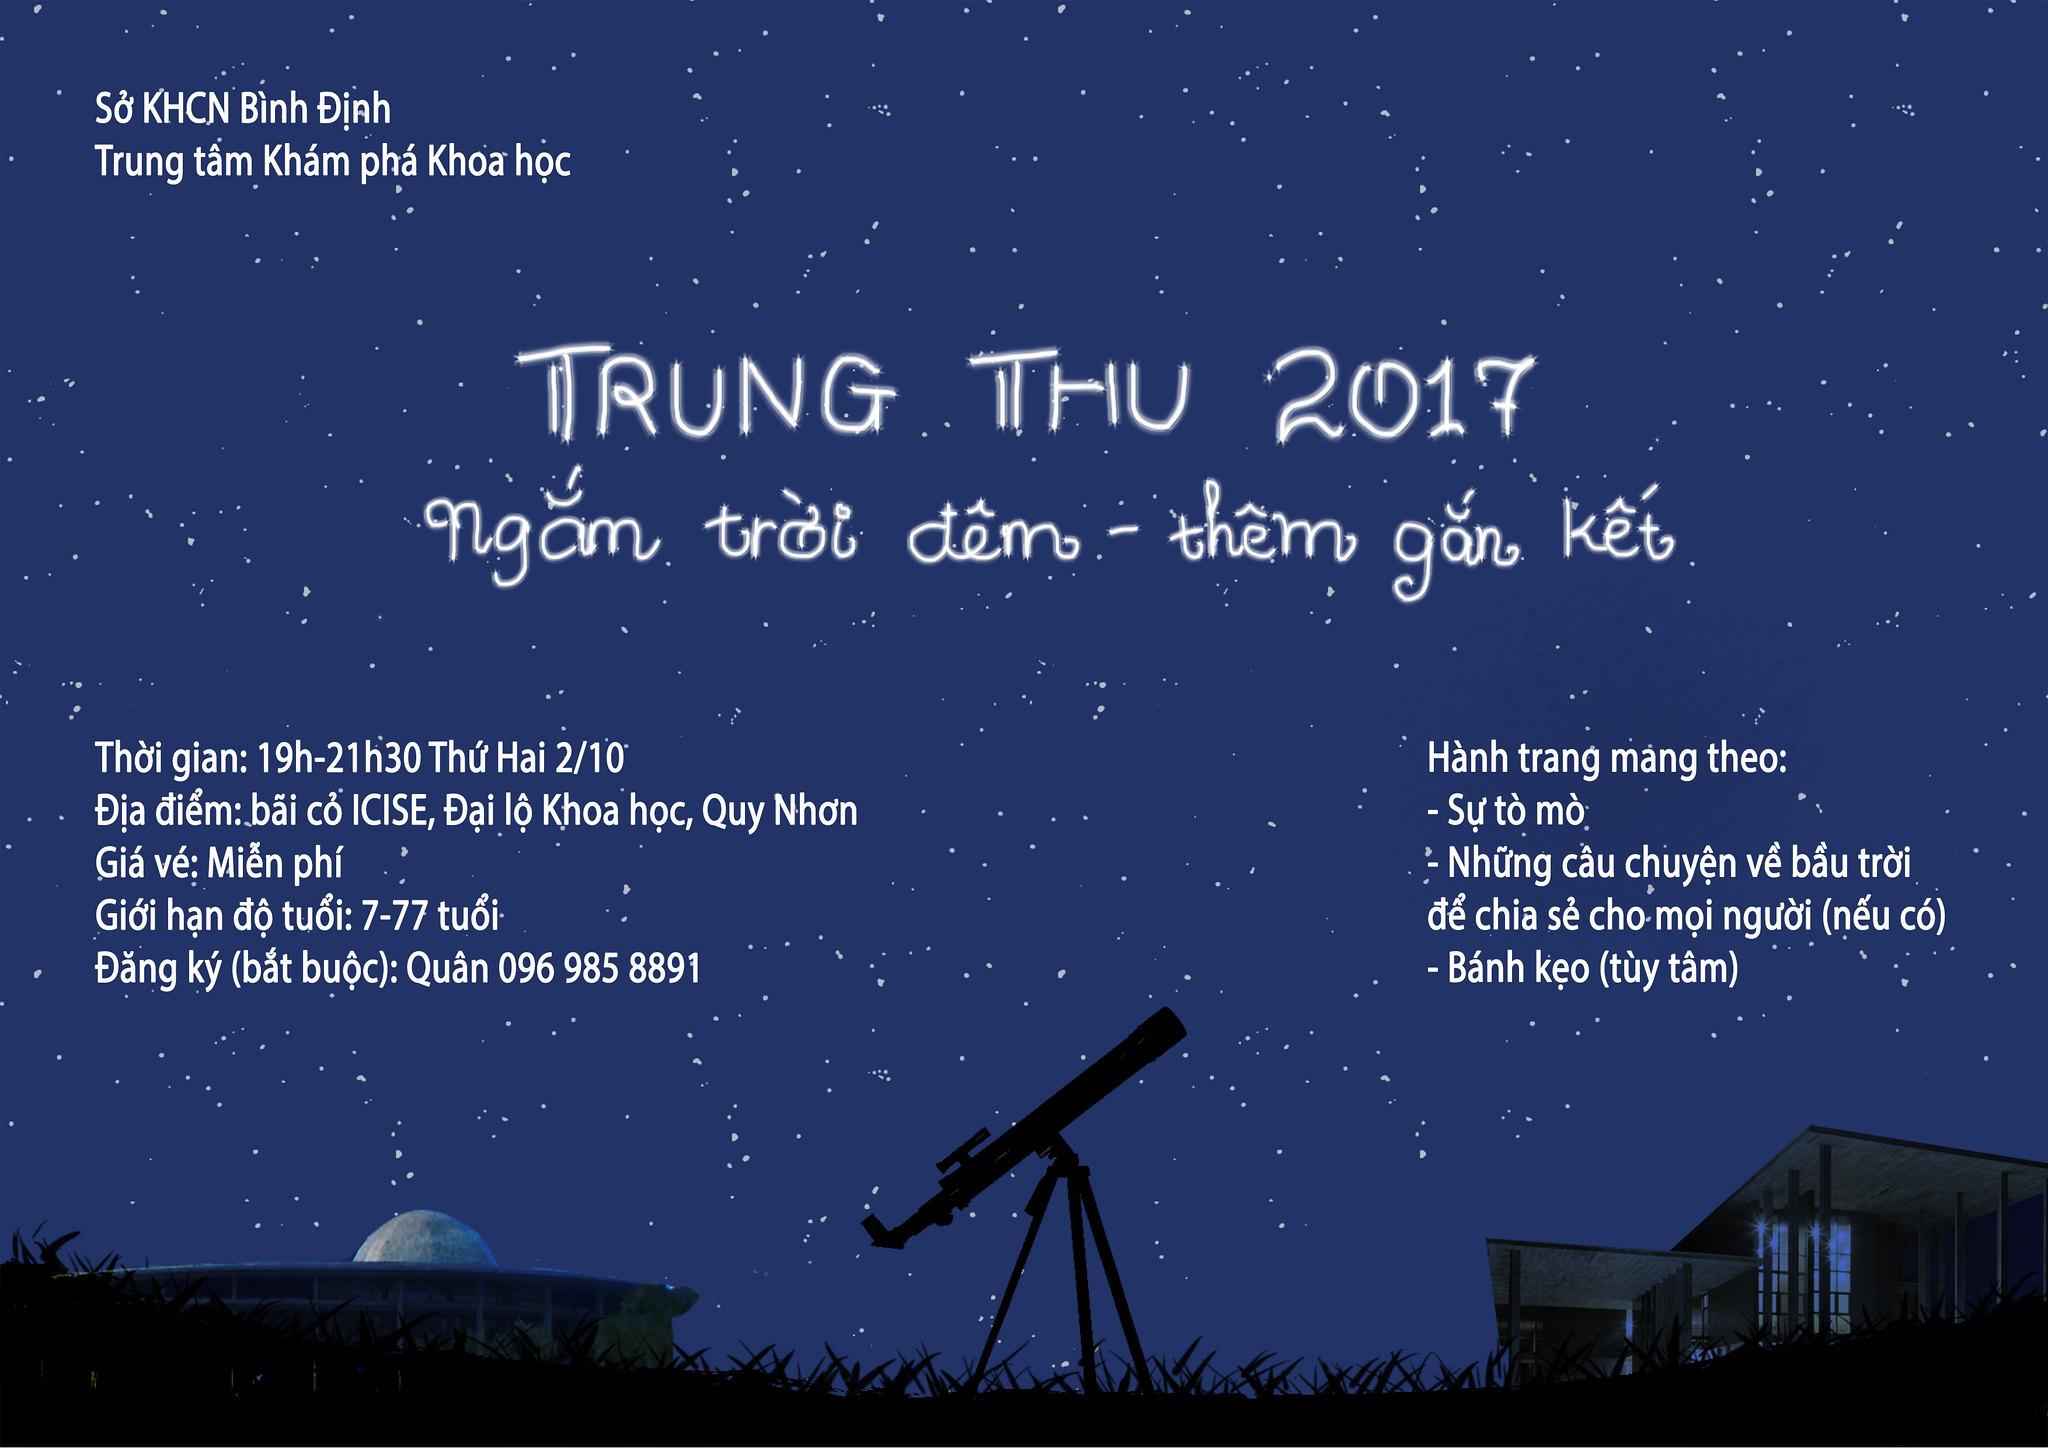 Mời dự Tiệc Trung thu-Ngắm trăng 2017